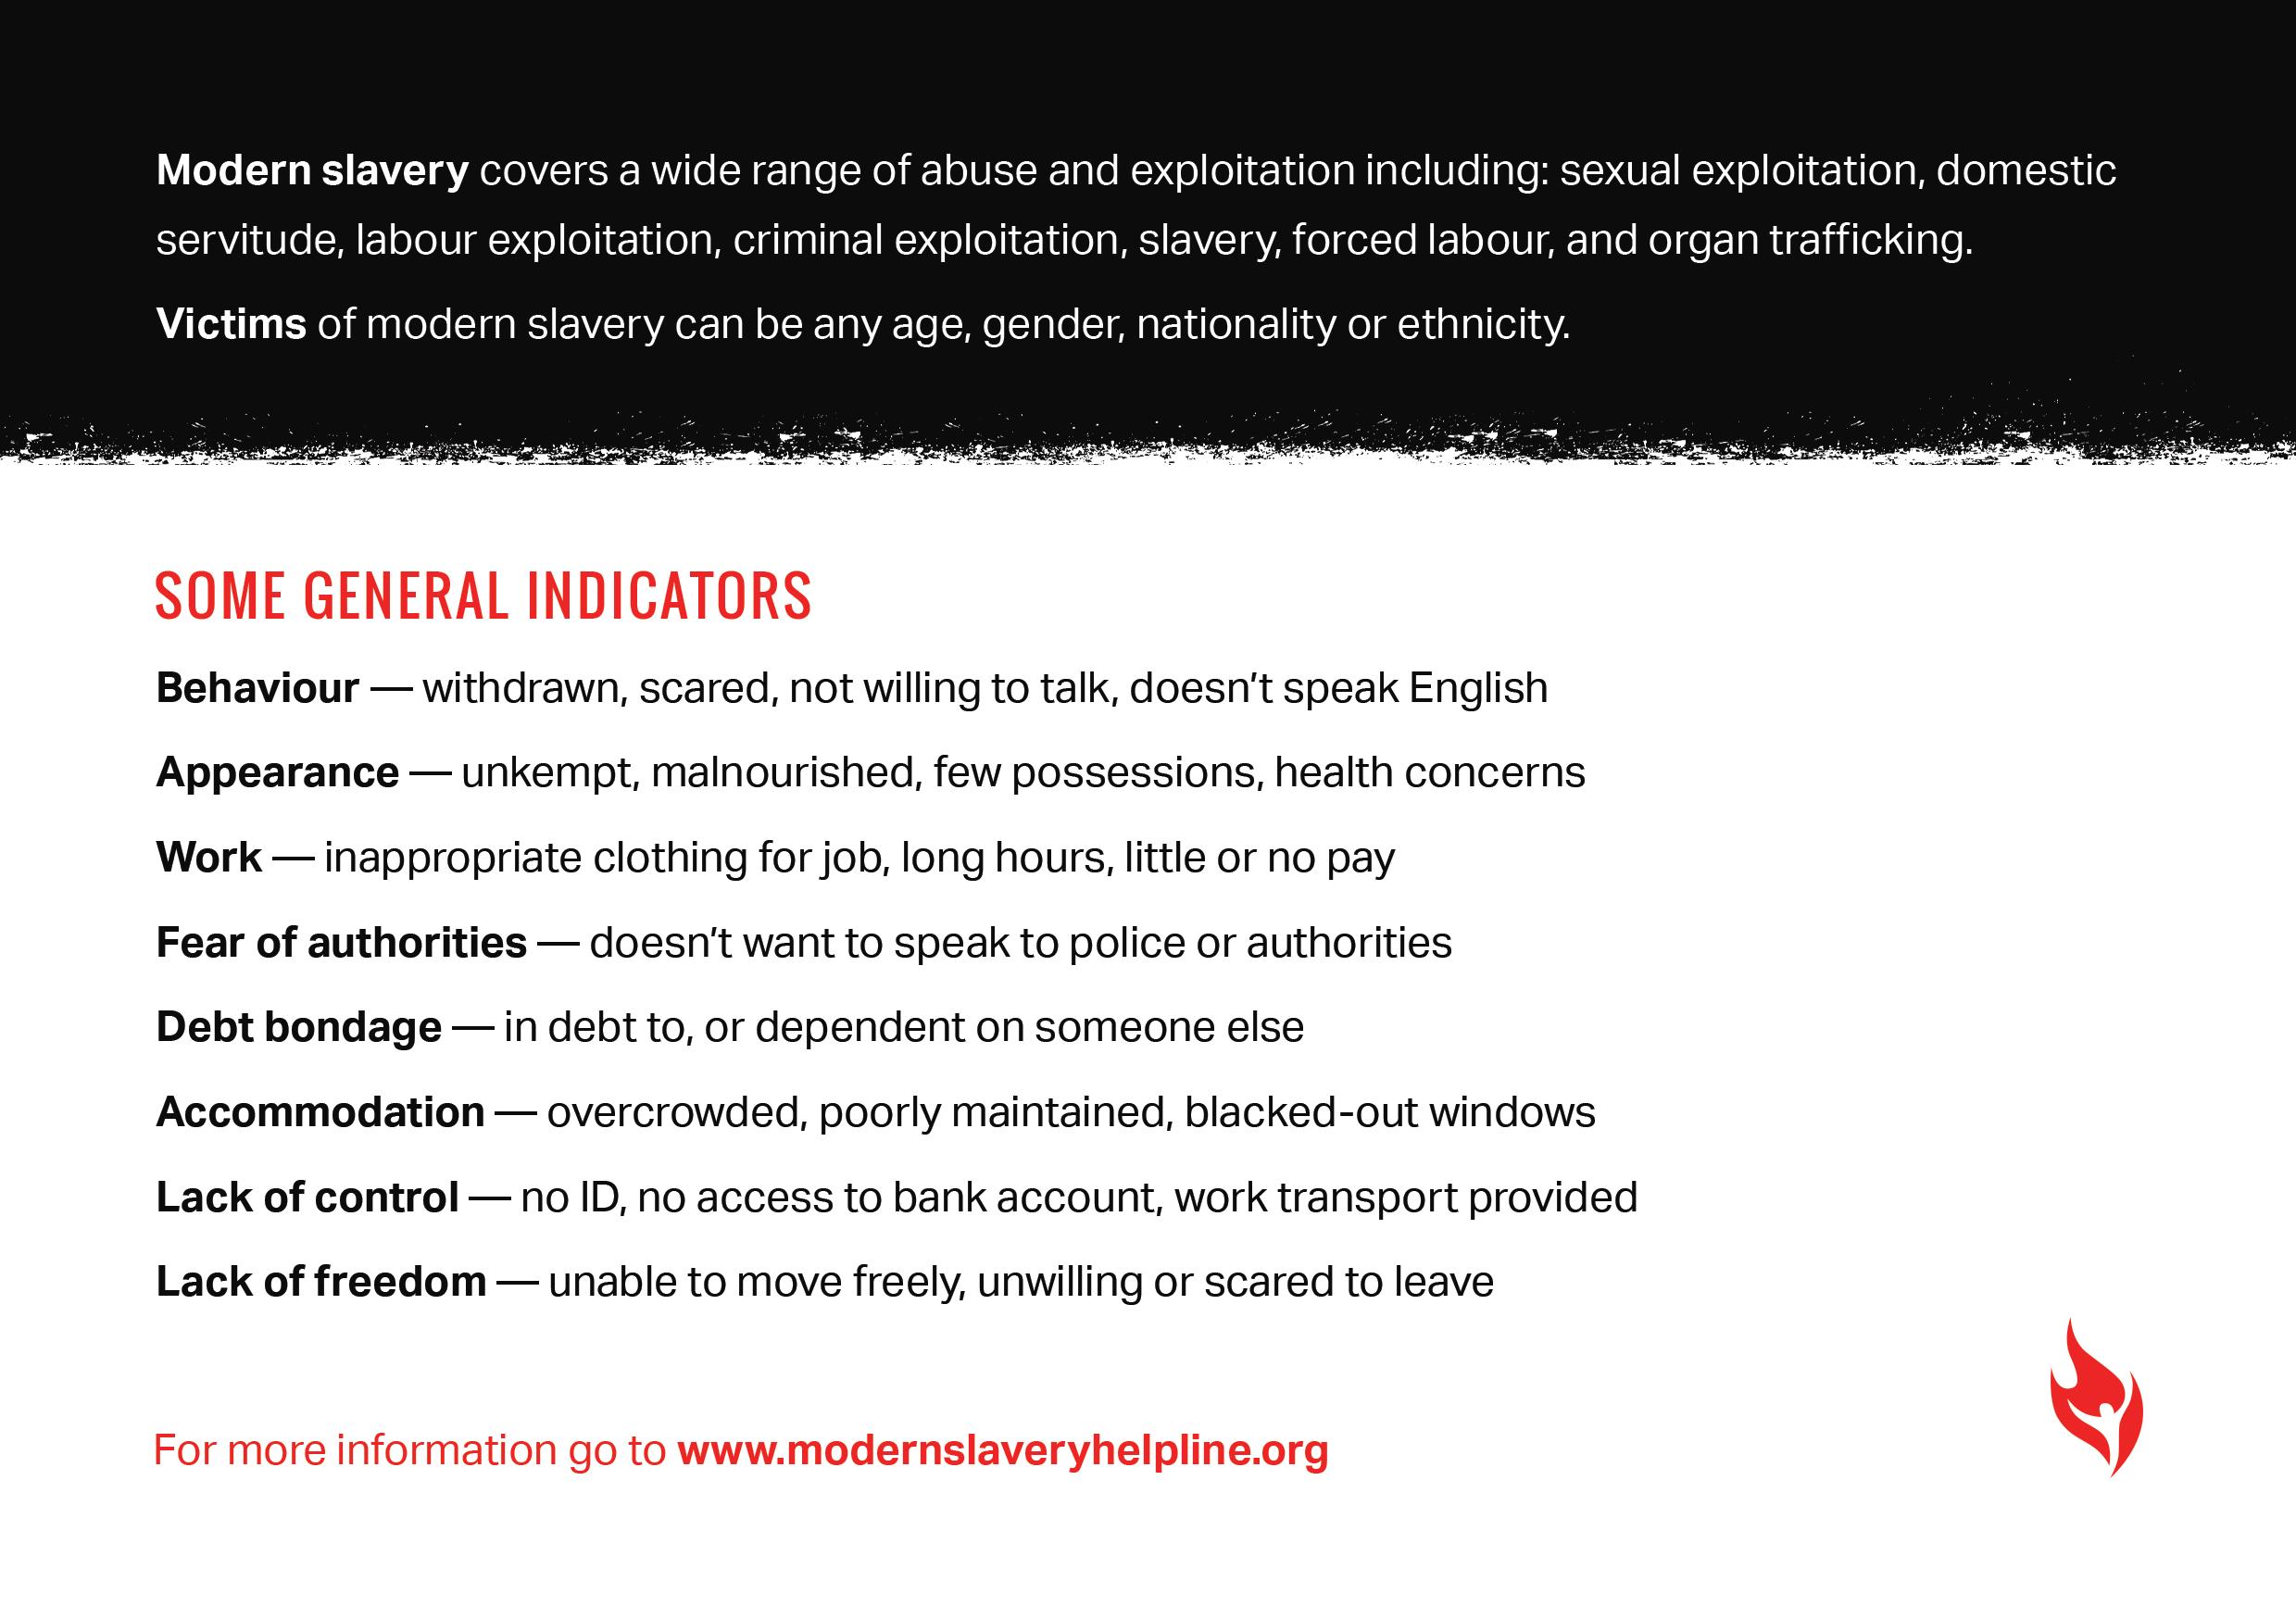 munications